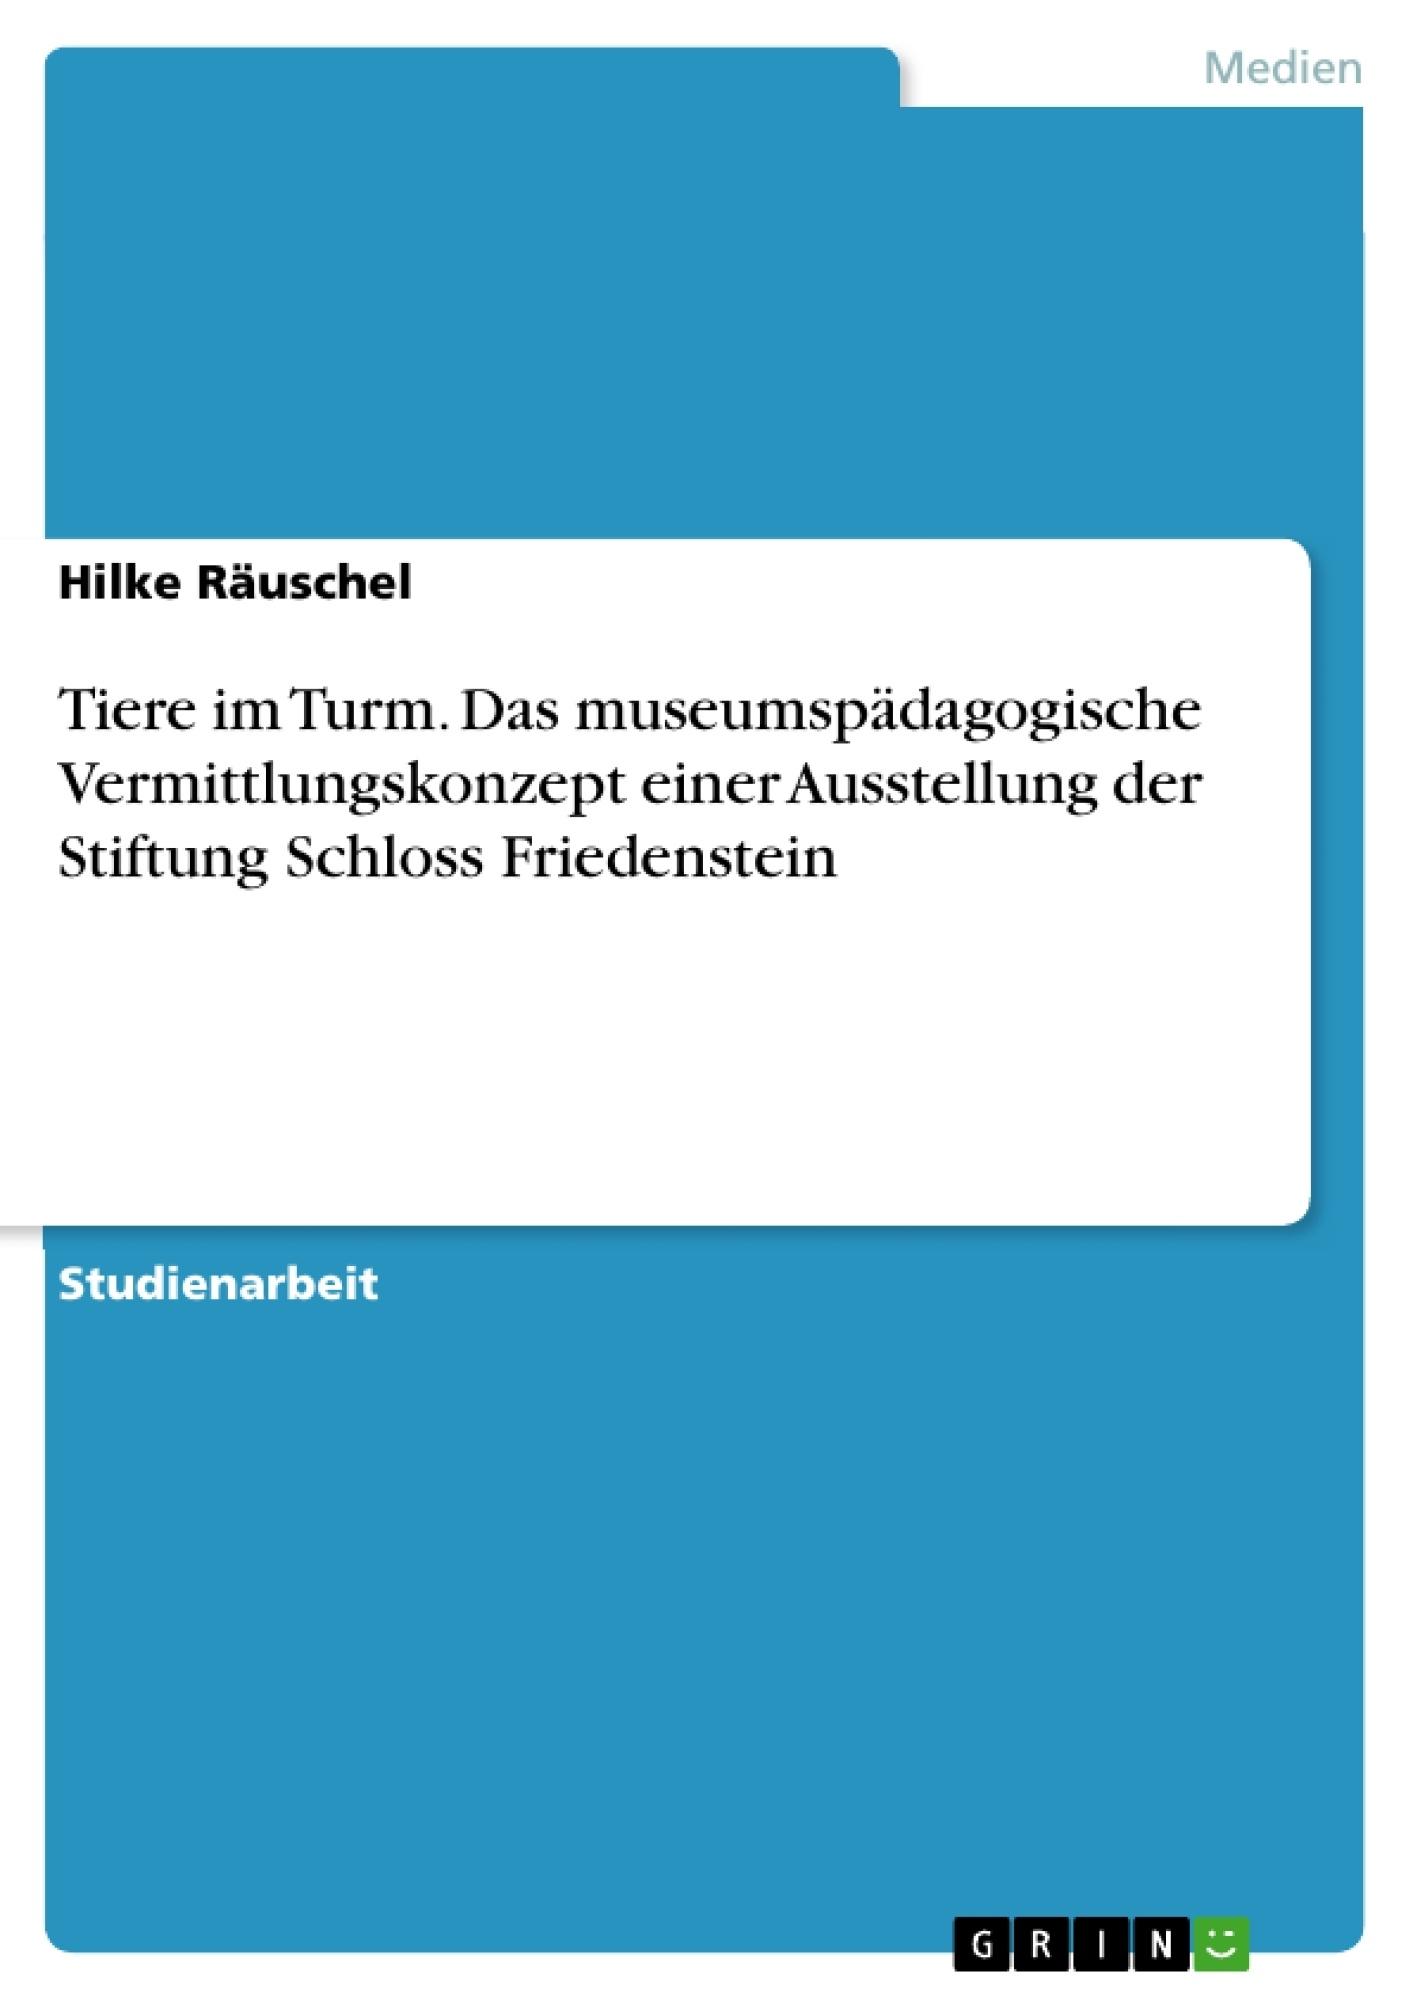 Titel: Tiere im Turm. Das museumspädagogische Vermittlungskonzept einer Ausstellung  der Stiftung Schloss Friedenstein